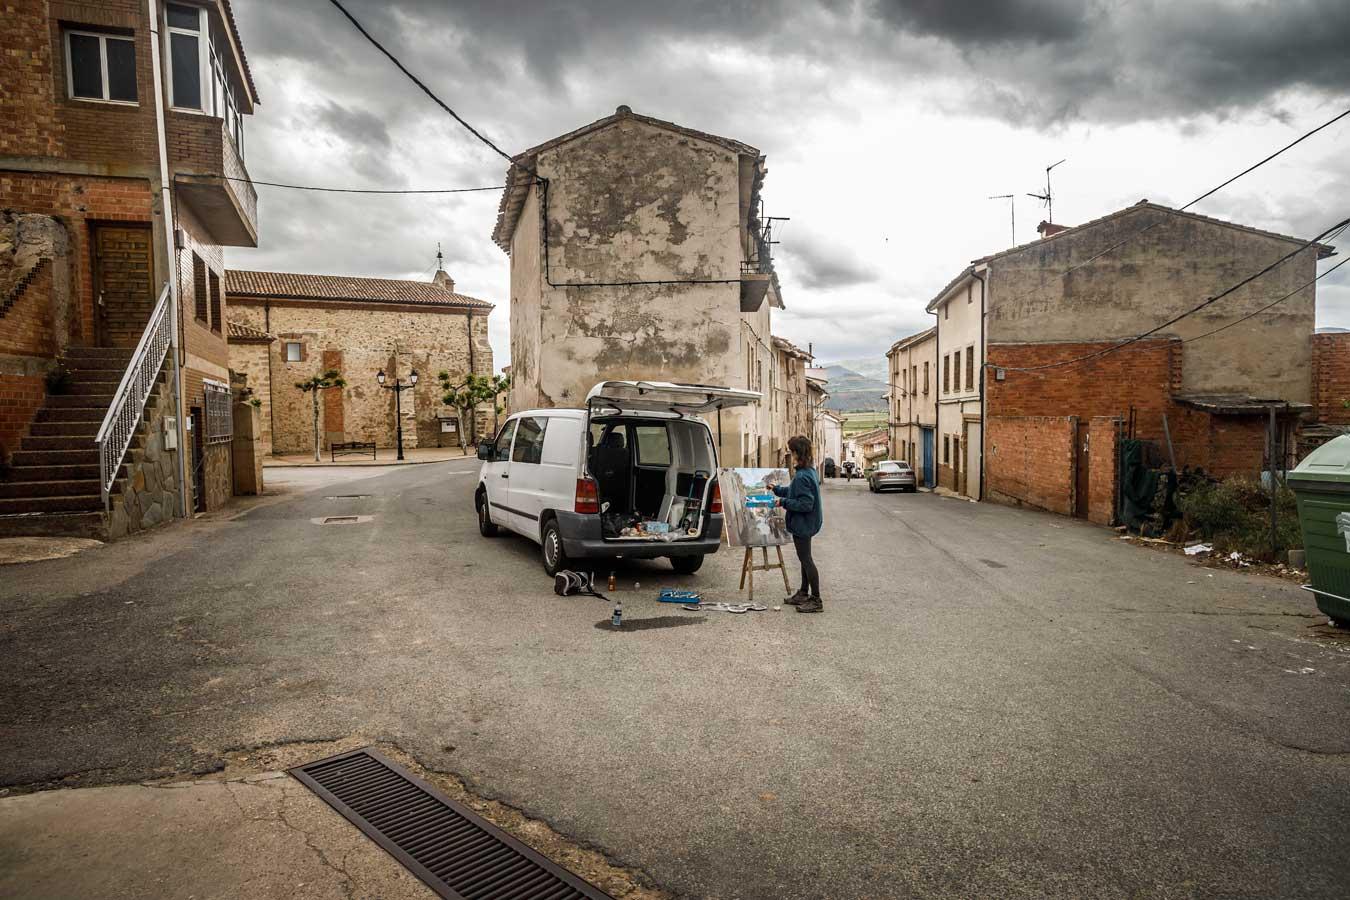 Una mujer pinta un cuadro en mitad de la calle de un pueblo